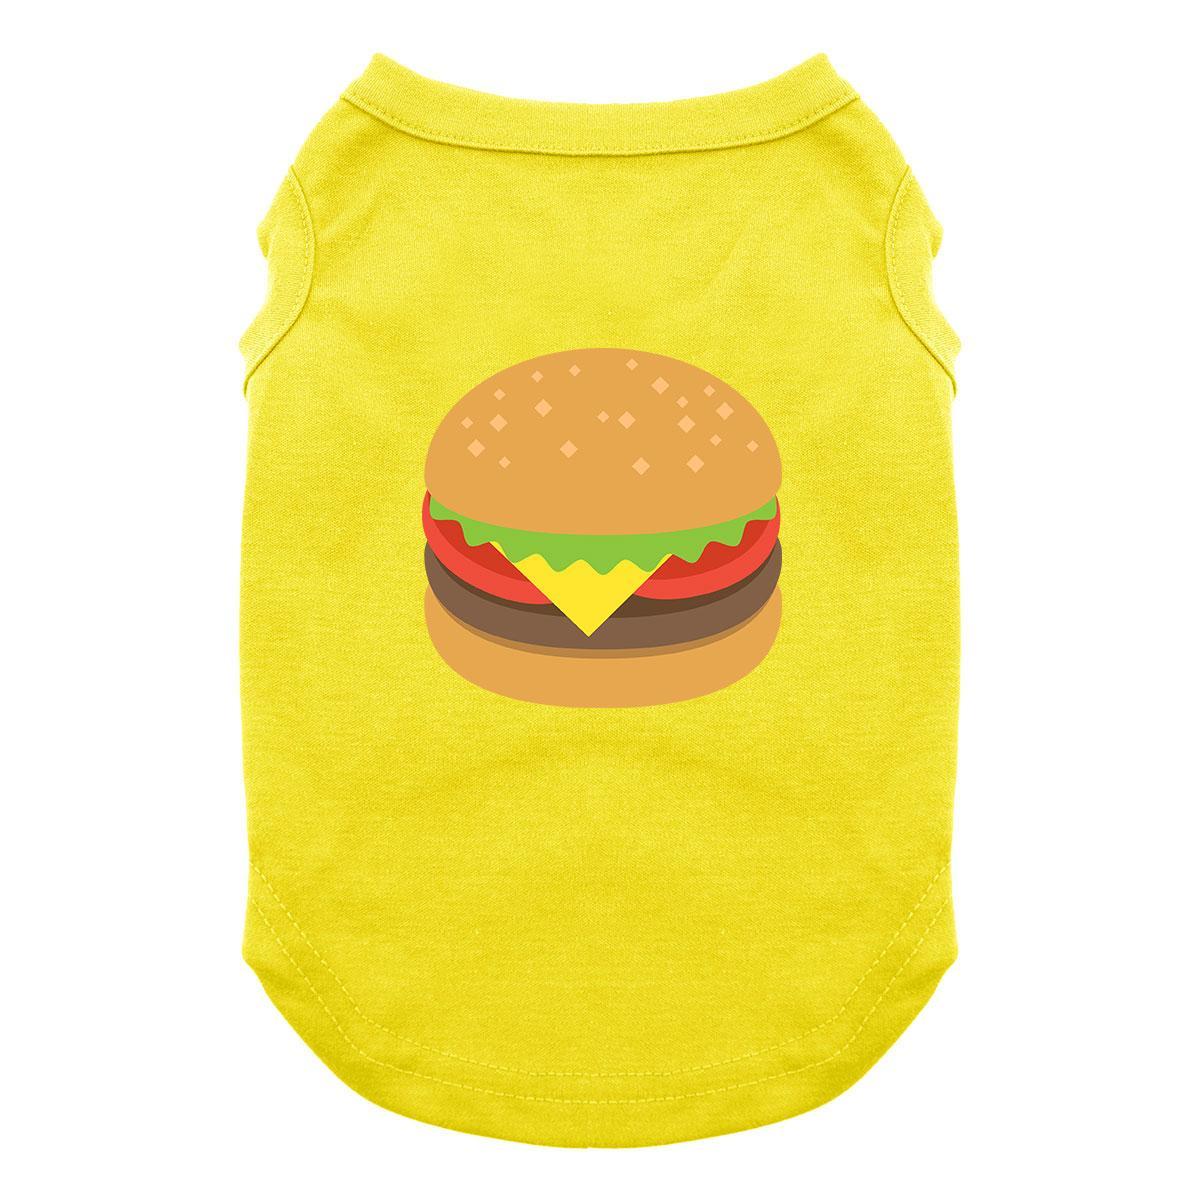 Cheeseburger Emoji Dog Shirt - Yellow